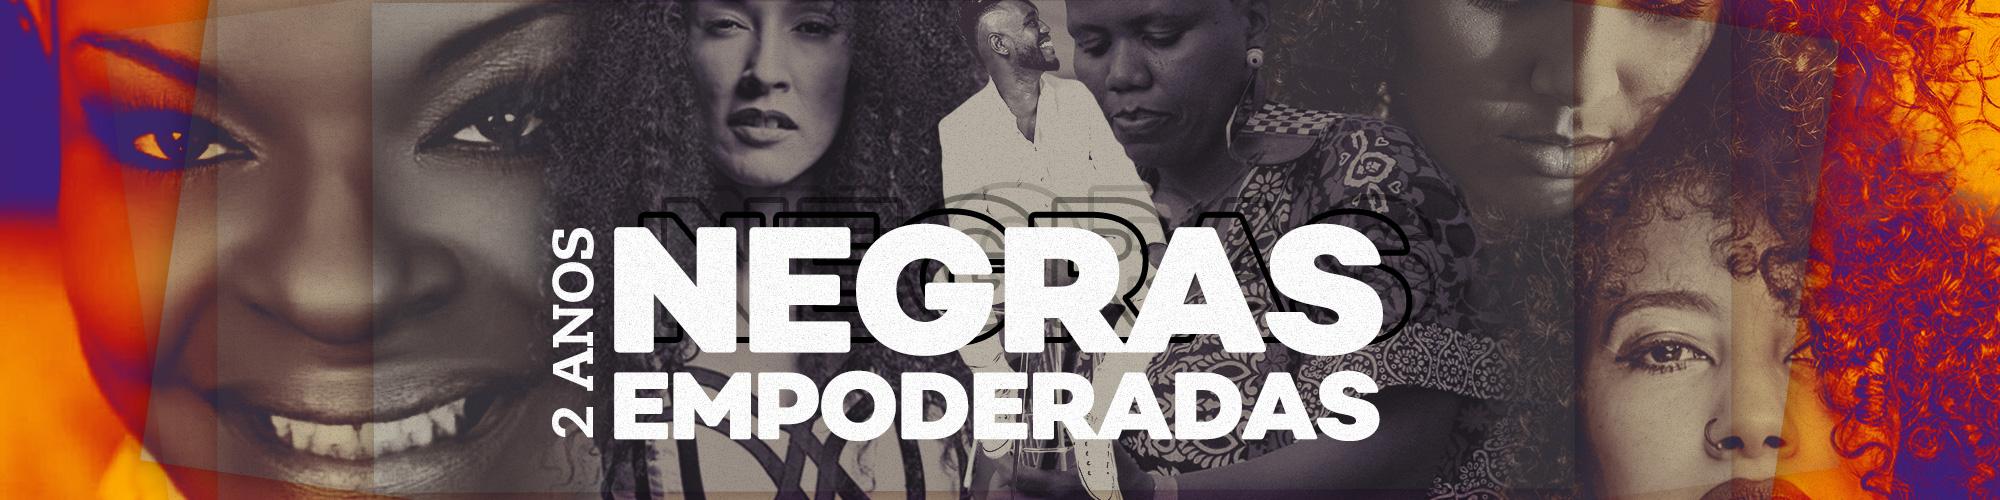 Rede Negras Empoderadas celebra dois anos!